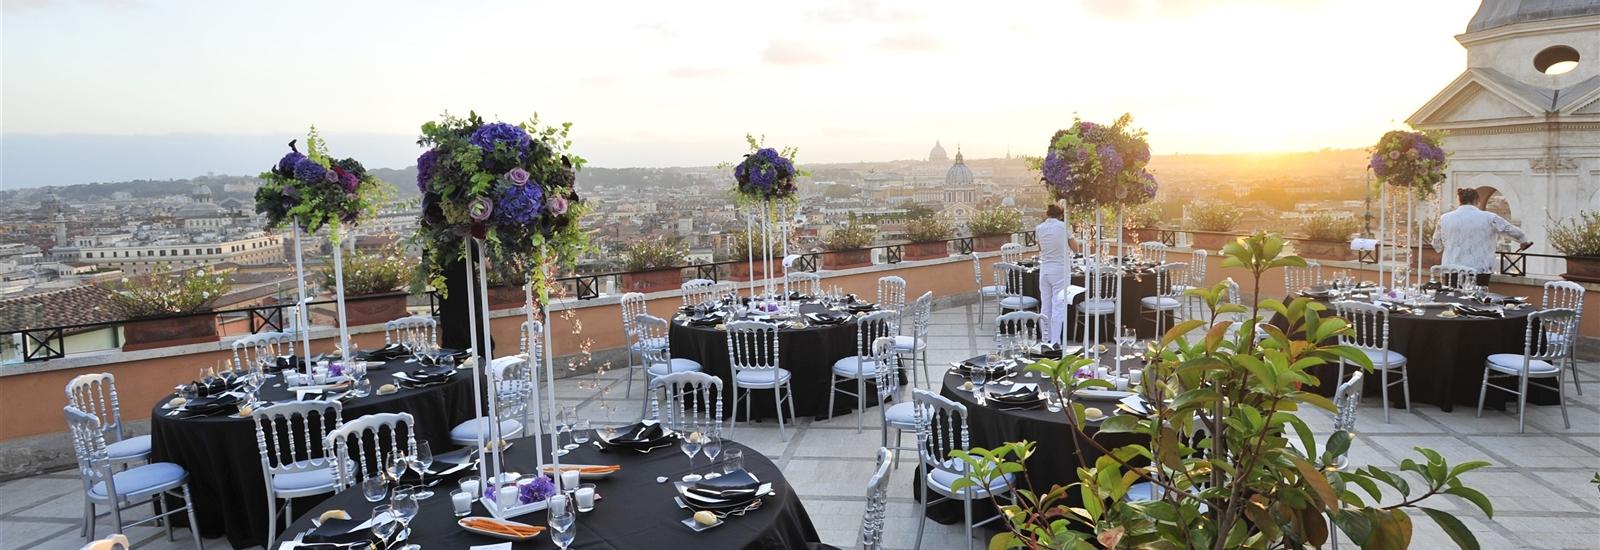 Matrimonio In Roma : Pacchetti matrimonio roma hassler